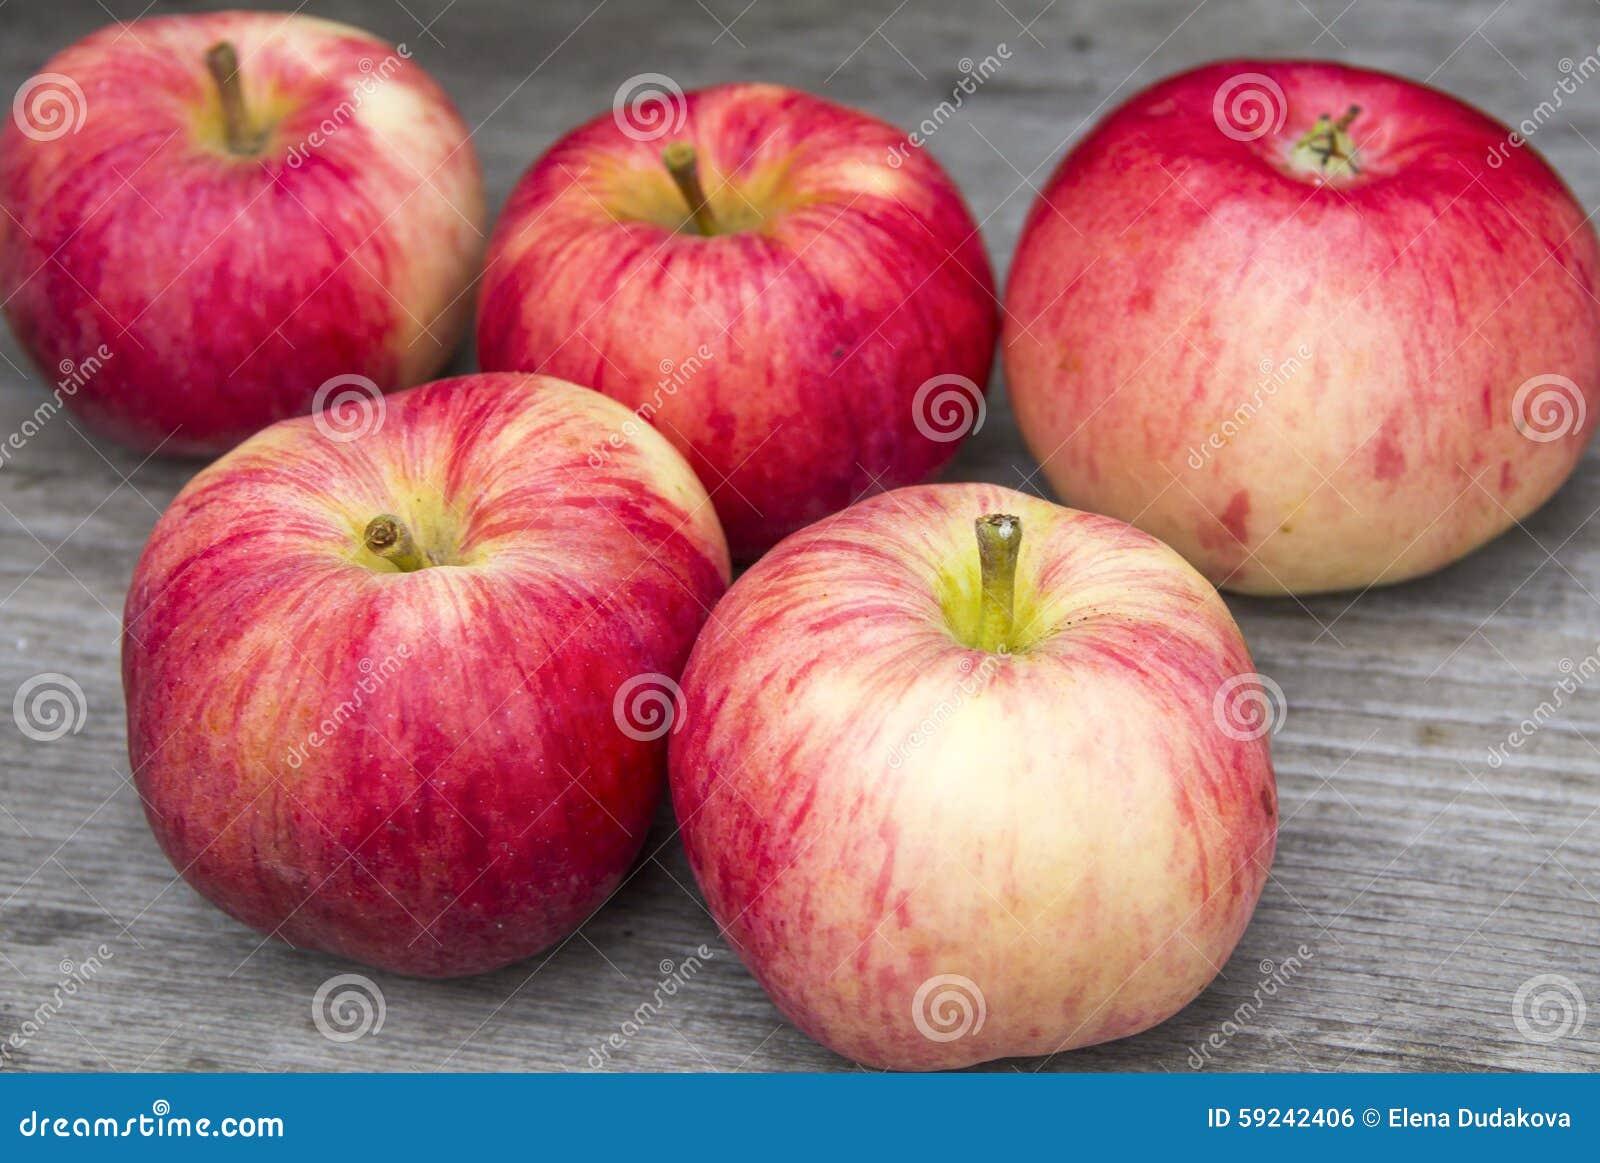 Download Manzanas rojas foto de archivo. Imagen de wooden, rojo - 59242406